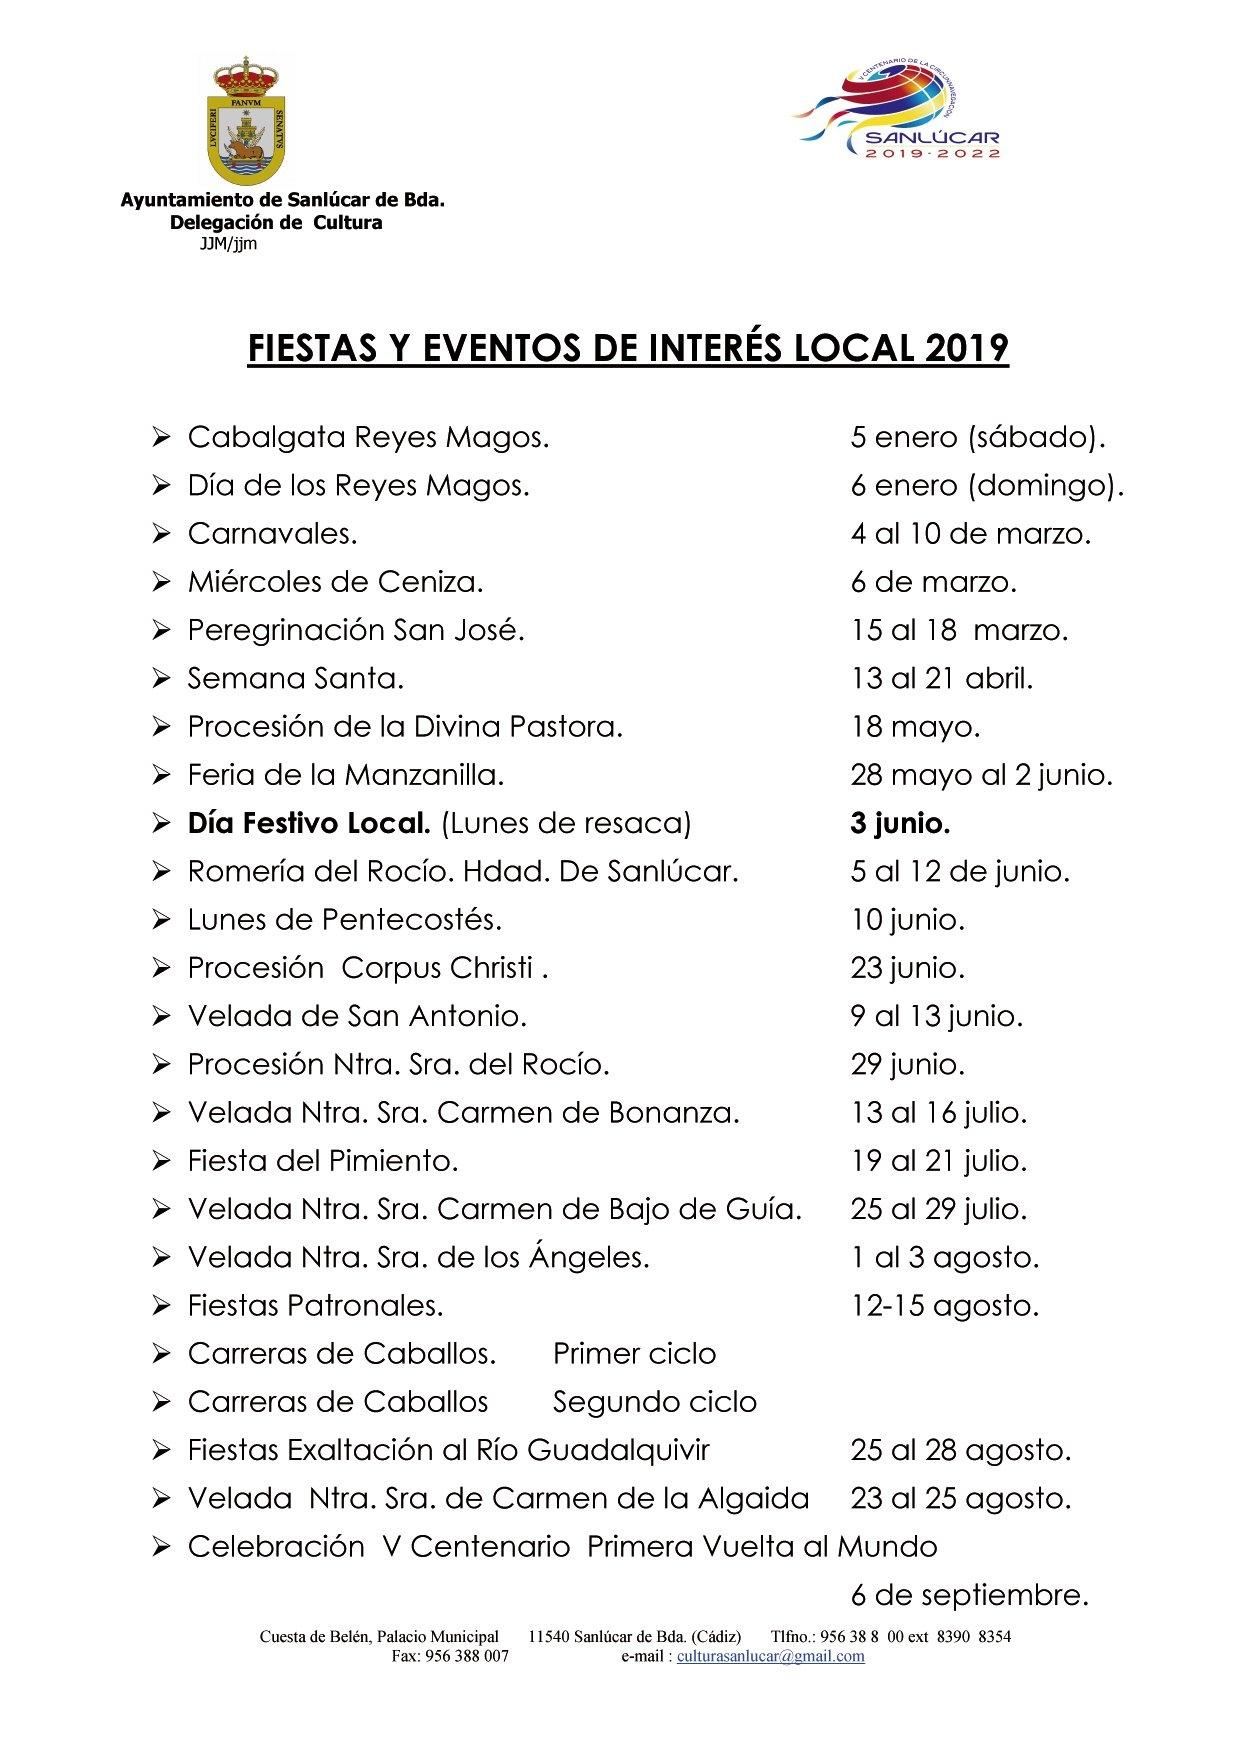 Festivals And Events Calendar Of 2018 And 2019 | Sanlúcar De Calendar Of 2019 With Festivals